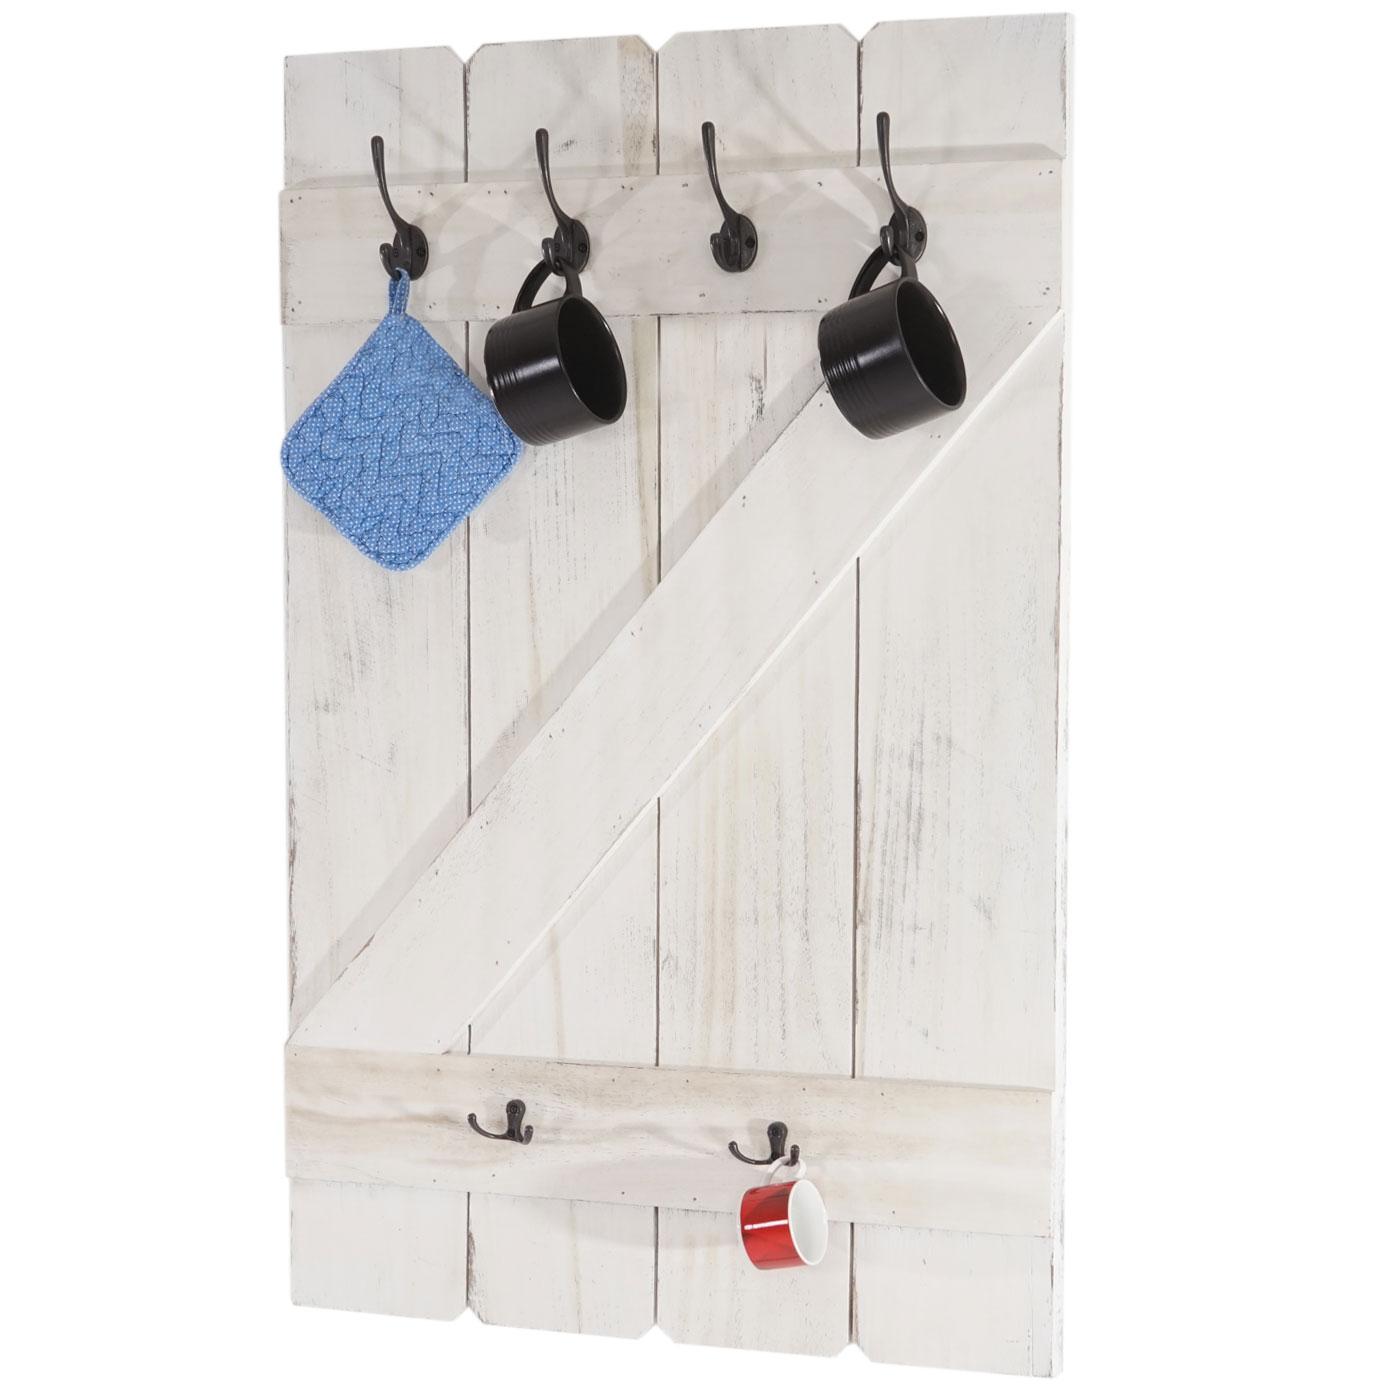 Hängeregal weiß haken  Aprilia, Hängeregal Tassenbrett Wandboard, 6 Haken 91x60cm ~ weiß ...